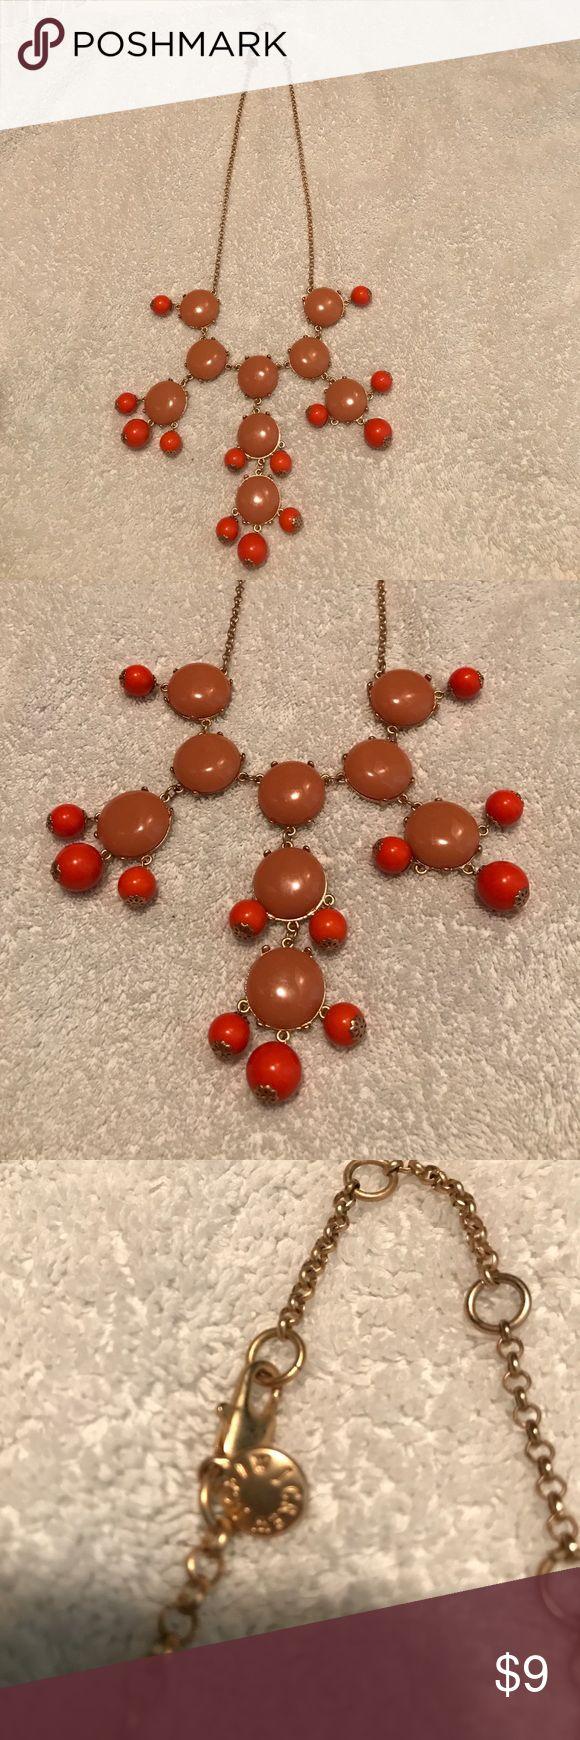 J crew necklace orange Good used condition J crew Jewelry Necklaces